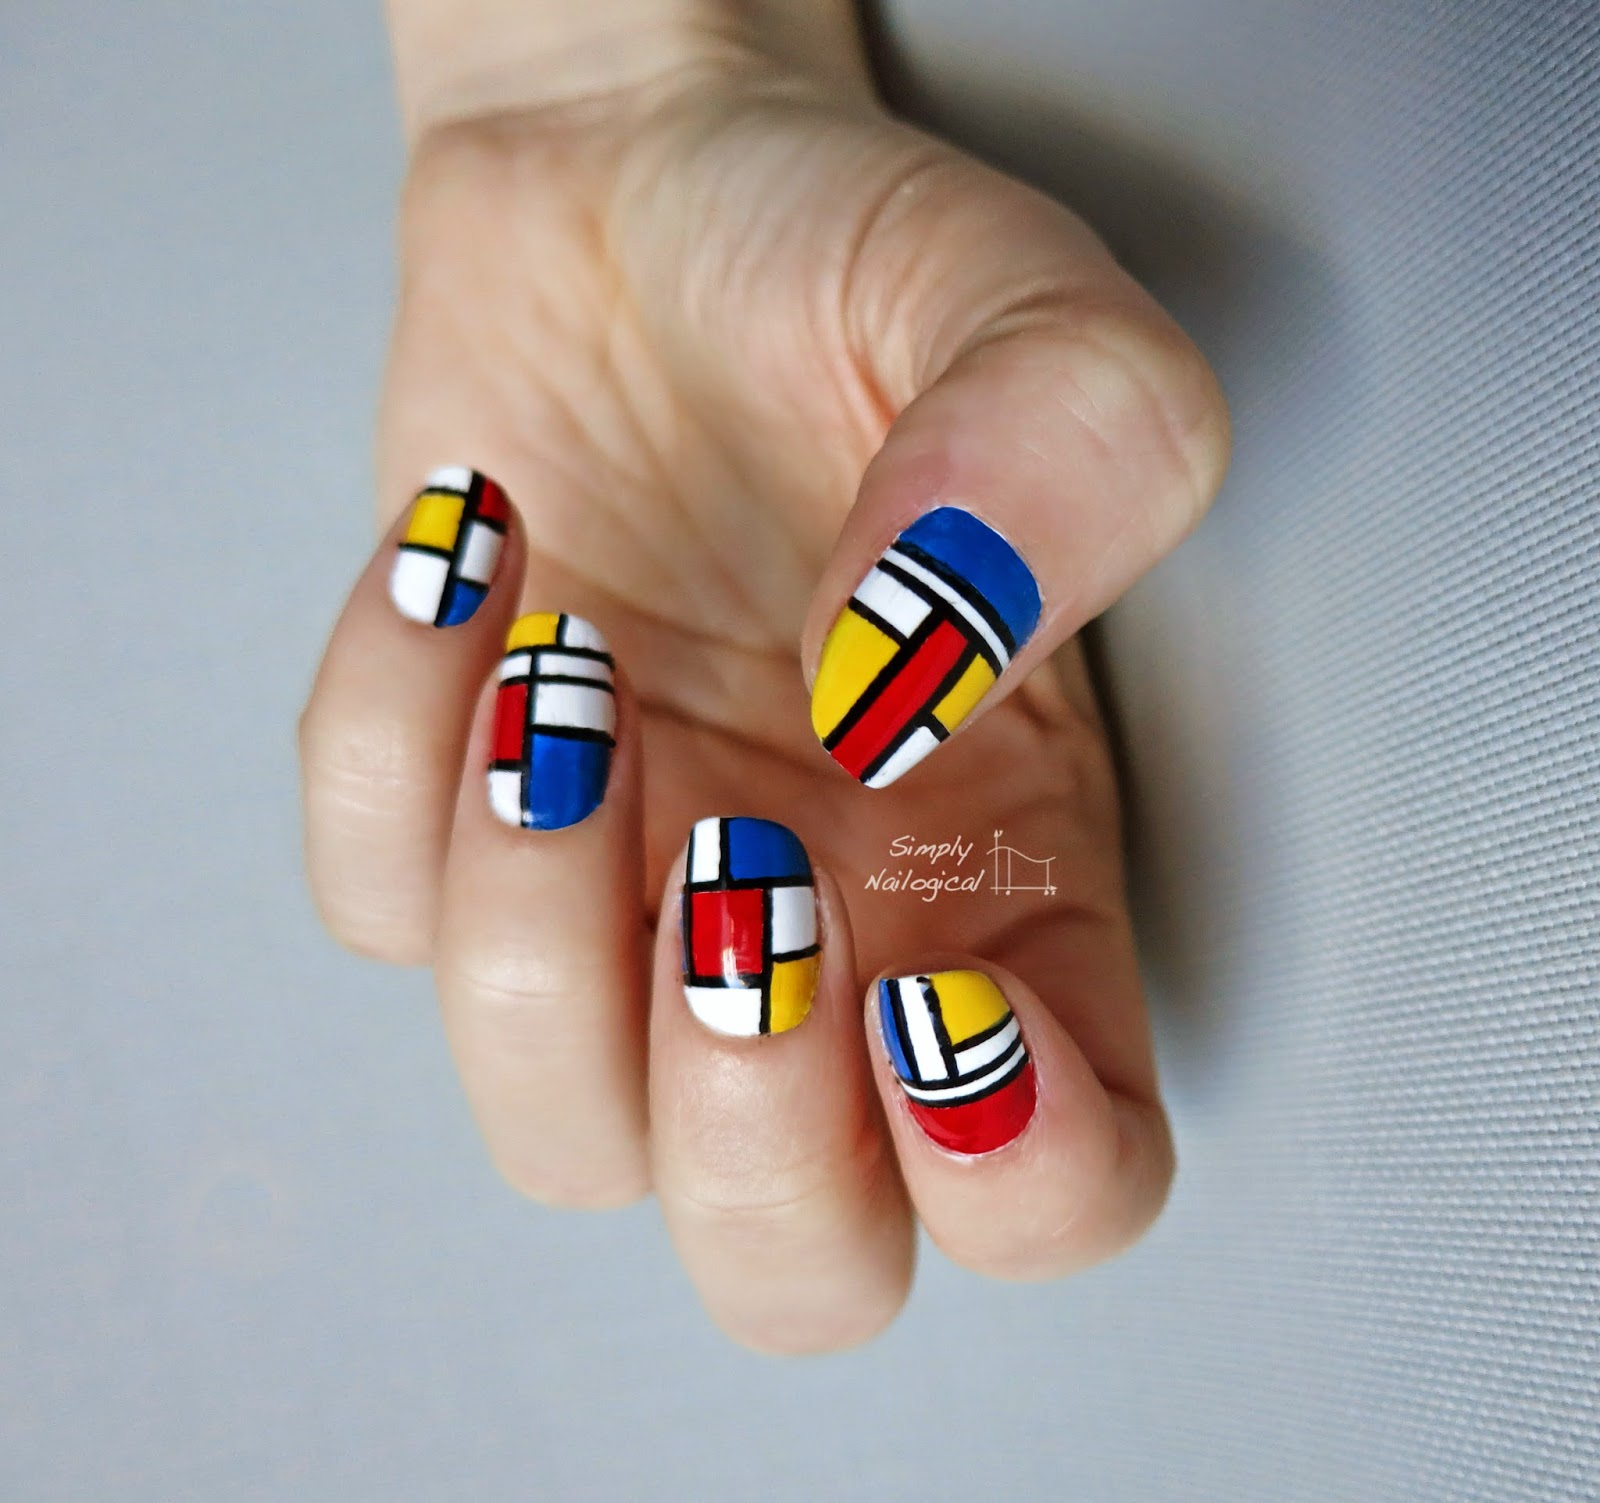 Simply Nailogical: Mondrian inspired nail art